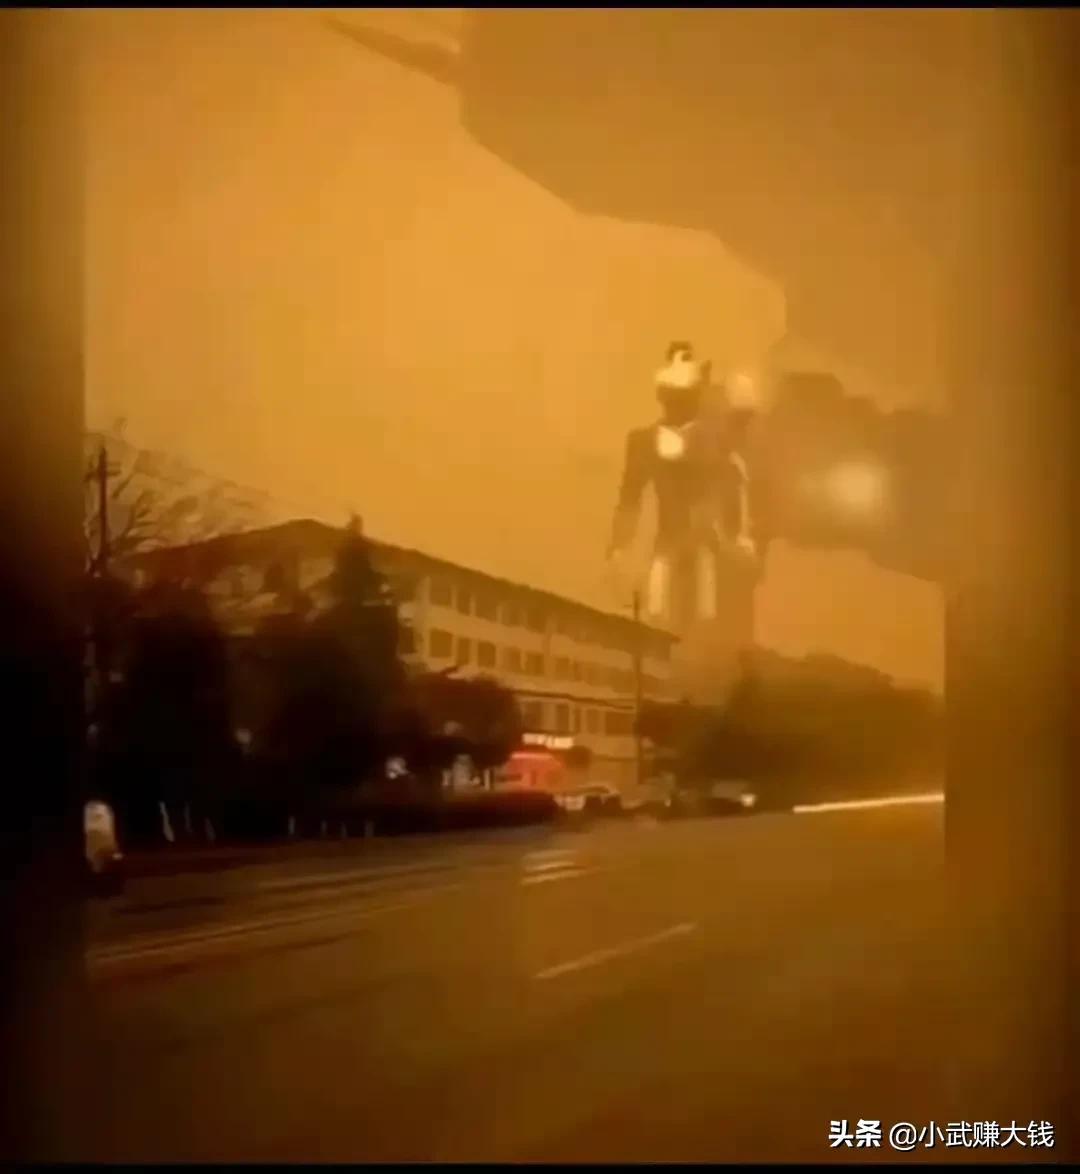 沙尘暴来啦、基民又绿啦!